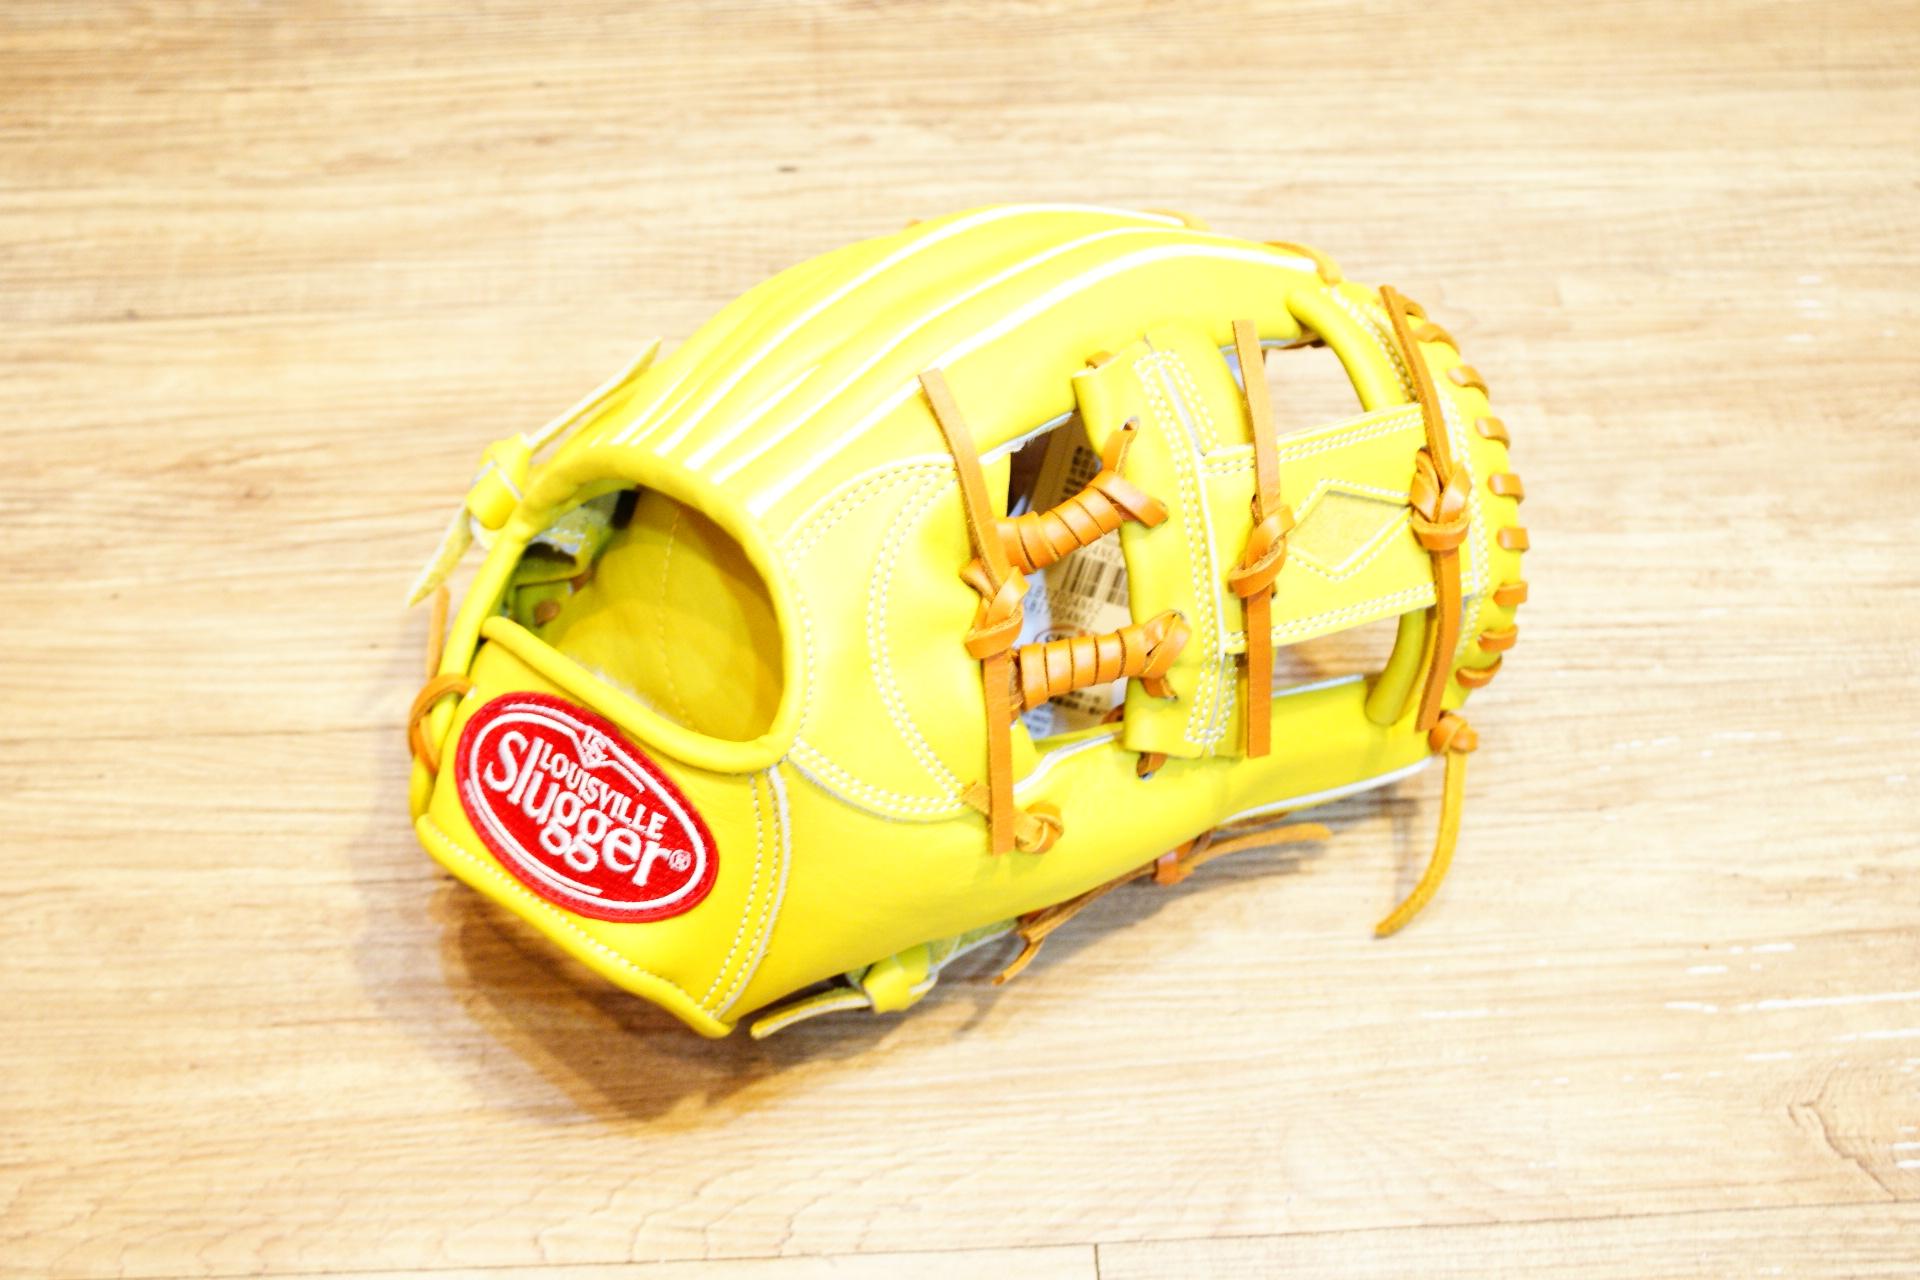 棒球世界全新 Louisville Slugger TPX 金剛系列 硬式棒壘手套 特價 內野工字 檸檬黃配色